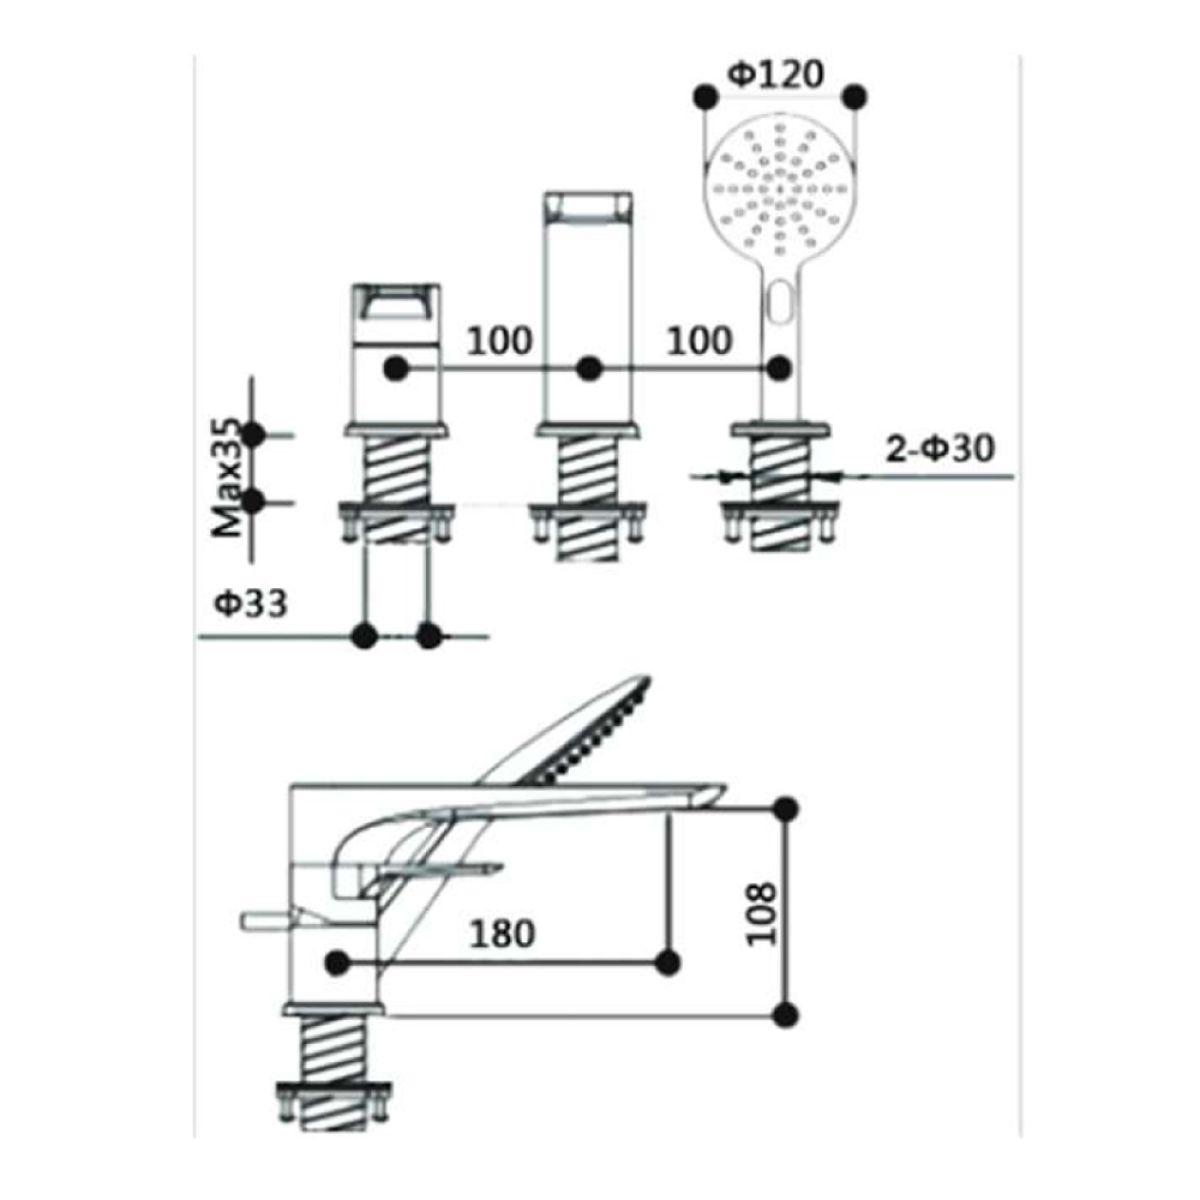 RAK Sport 3 Hole Shower Bath Mixer Tap Measurements